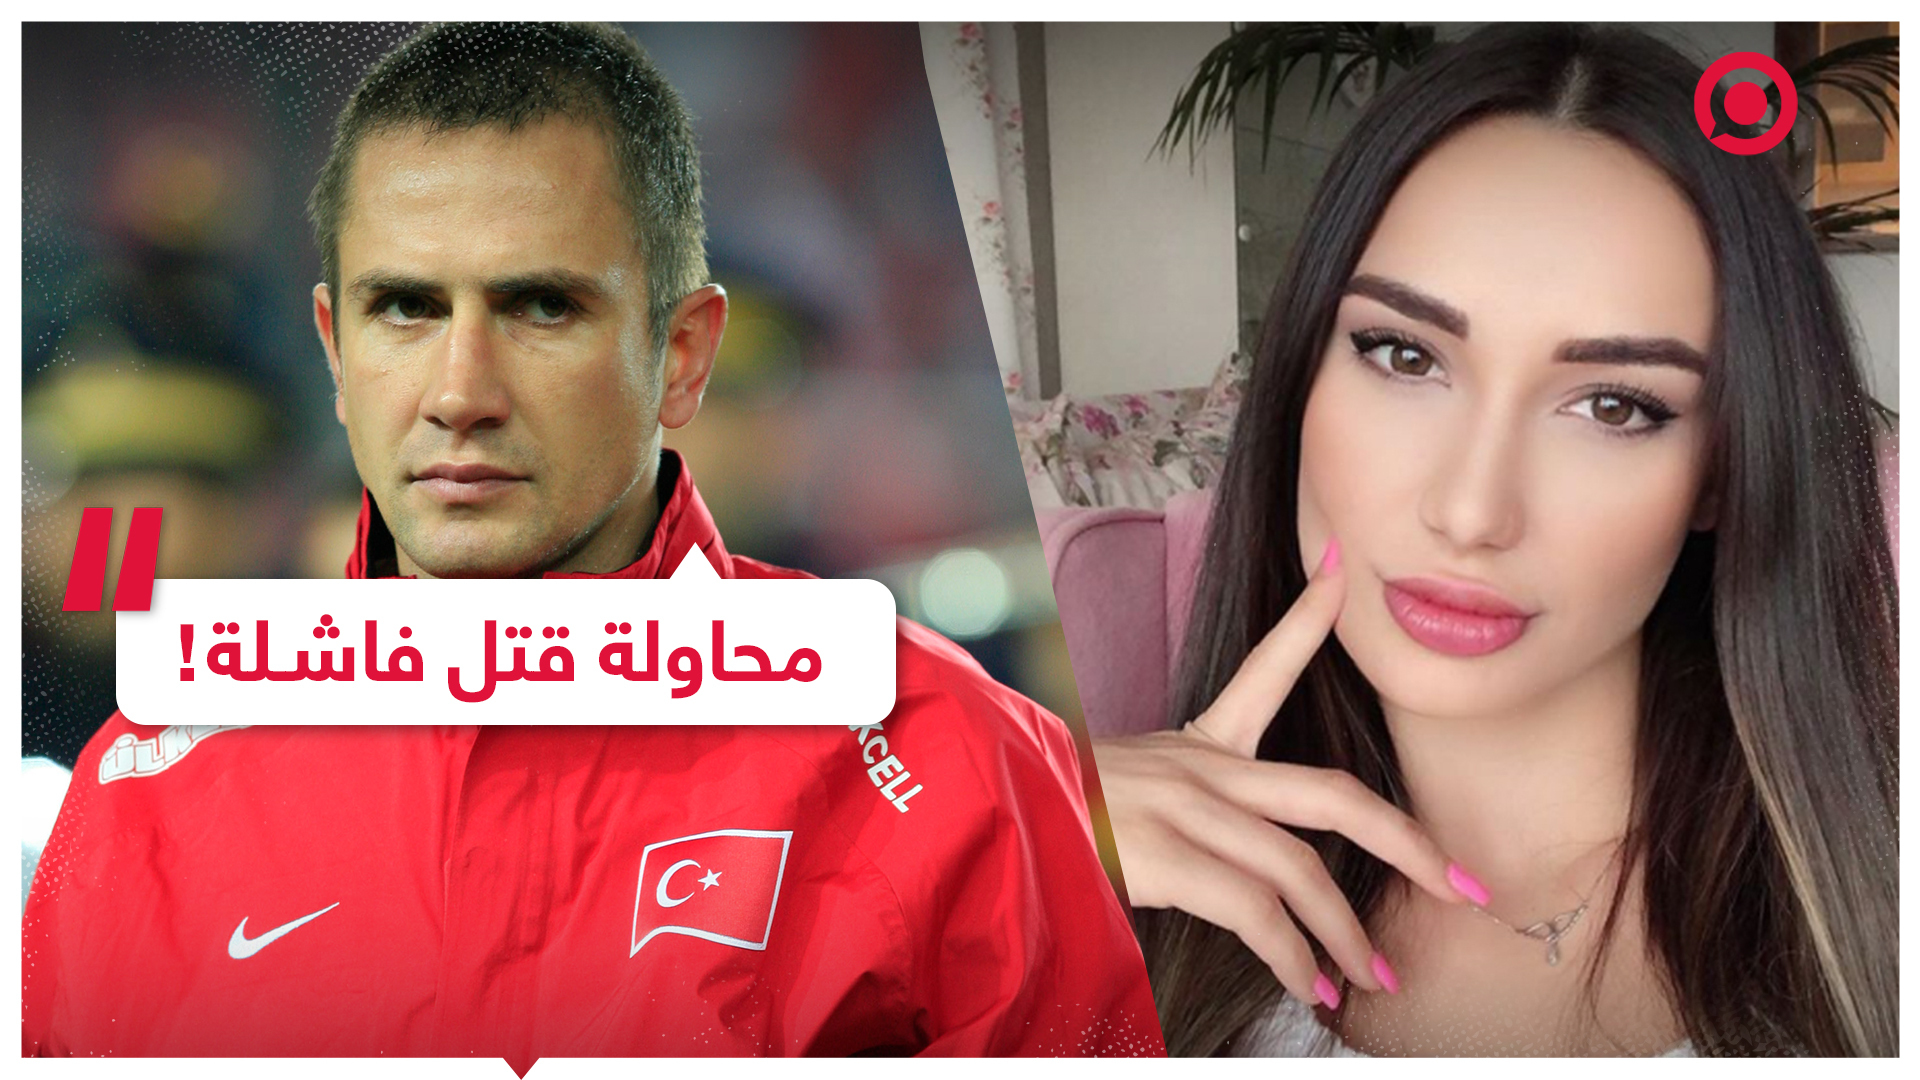 زوجة لاعب كرة قدم سابق تعرض 1.3 مليون دولار على قاتل محترف لتصفية زوجها  والاستيلاء على الميراث!